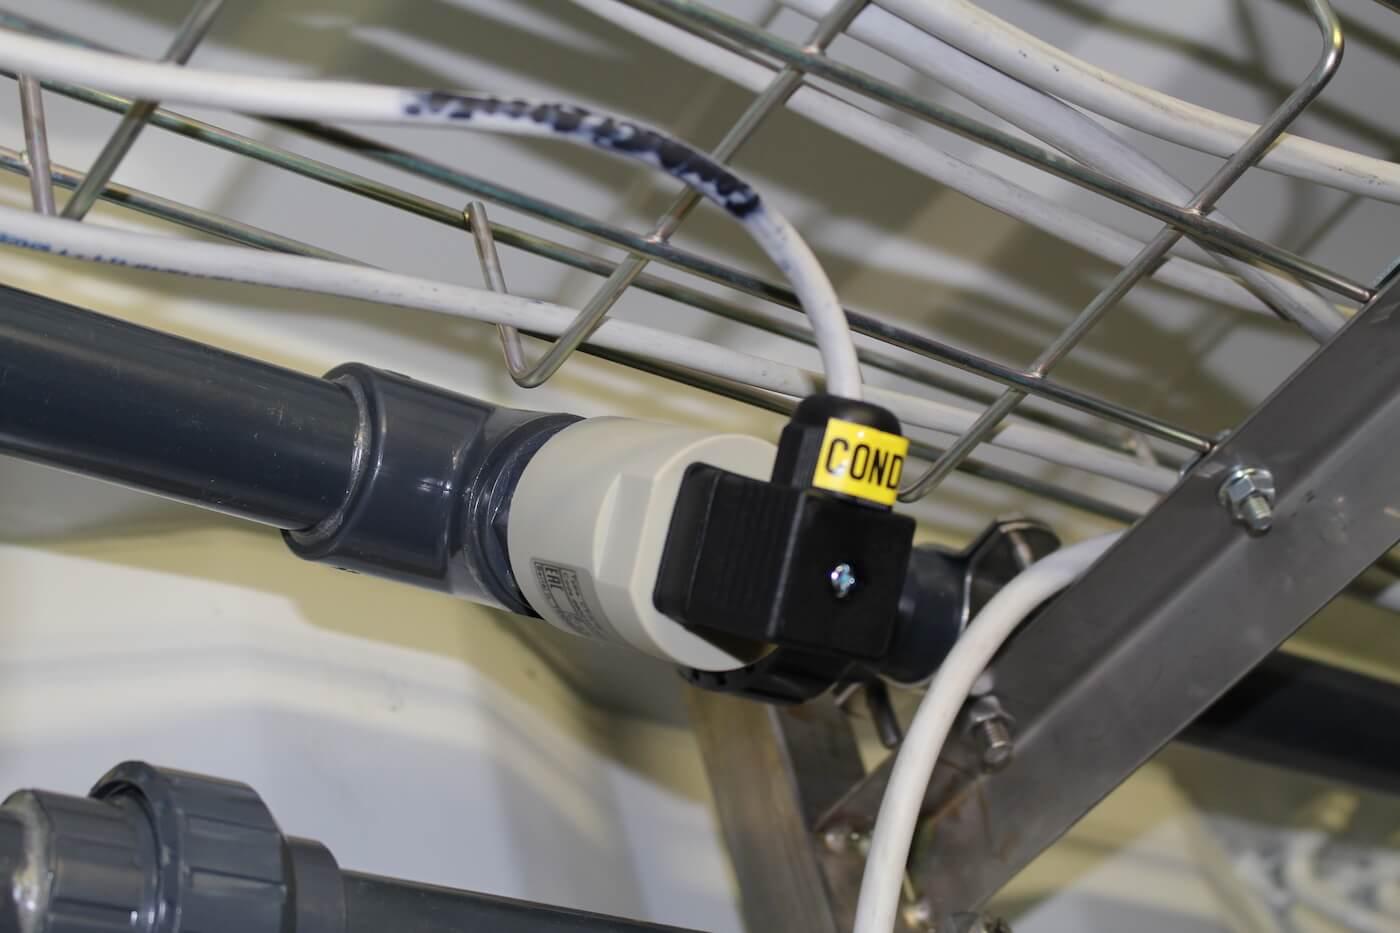 CZ Trattamento Acque - CZ Connect - Sistema centralizzato per il controllo remoto impianti trattamento - particolare 3